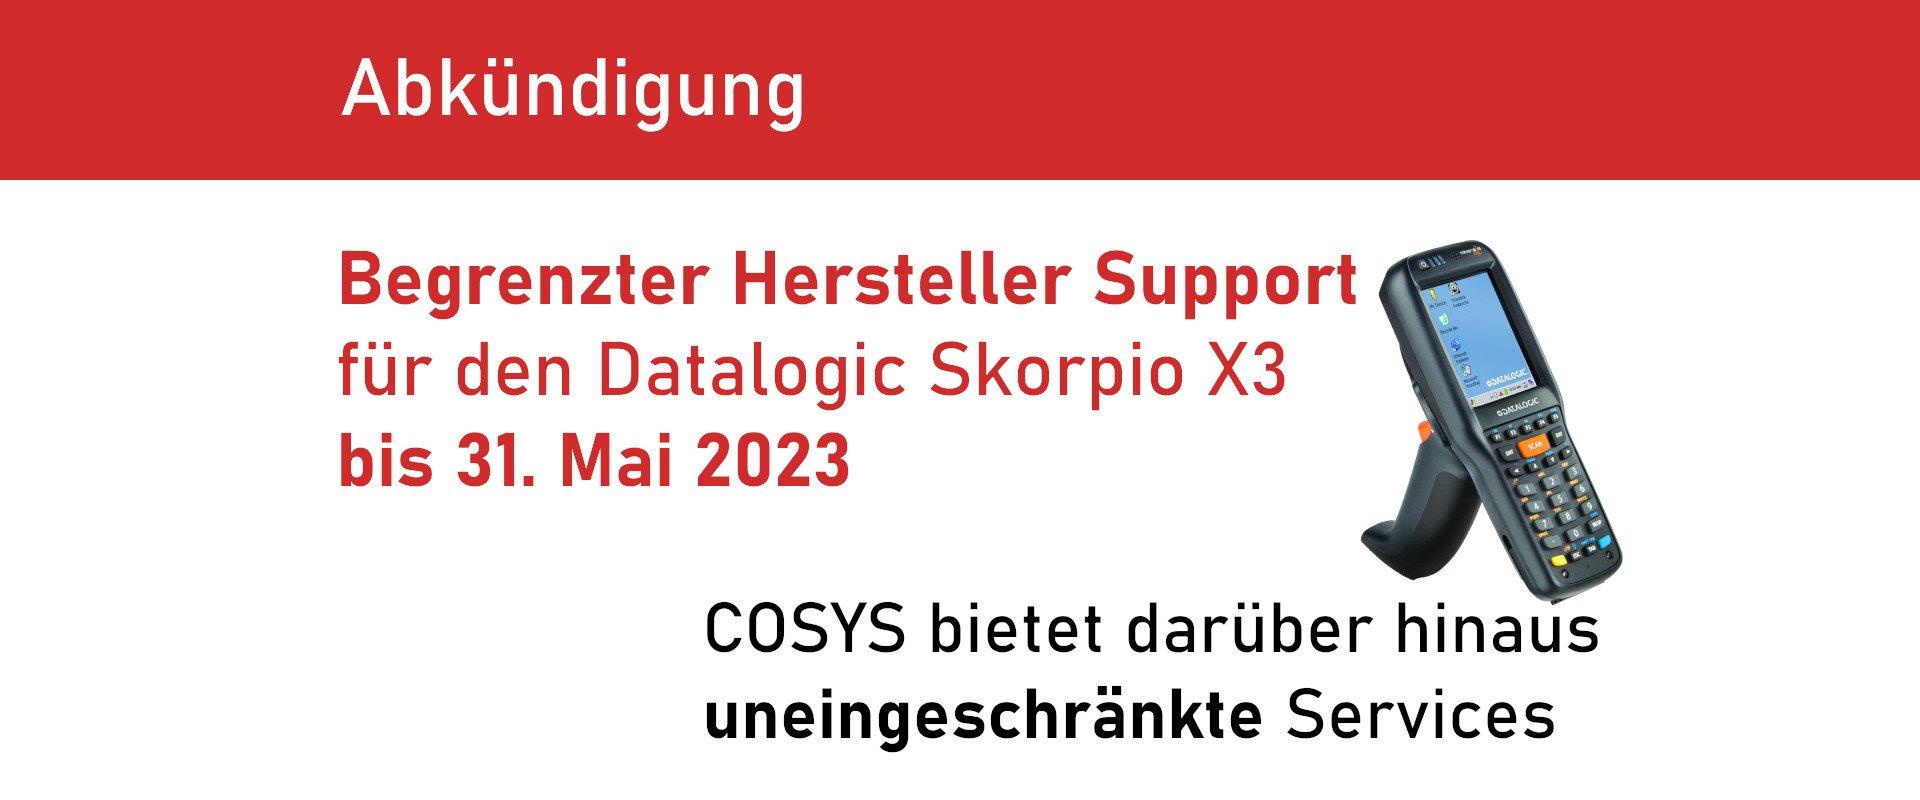 End of Service für den Datalogic Skorpio X3 und wie COSYS dagegen hilft